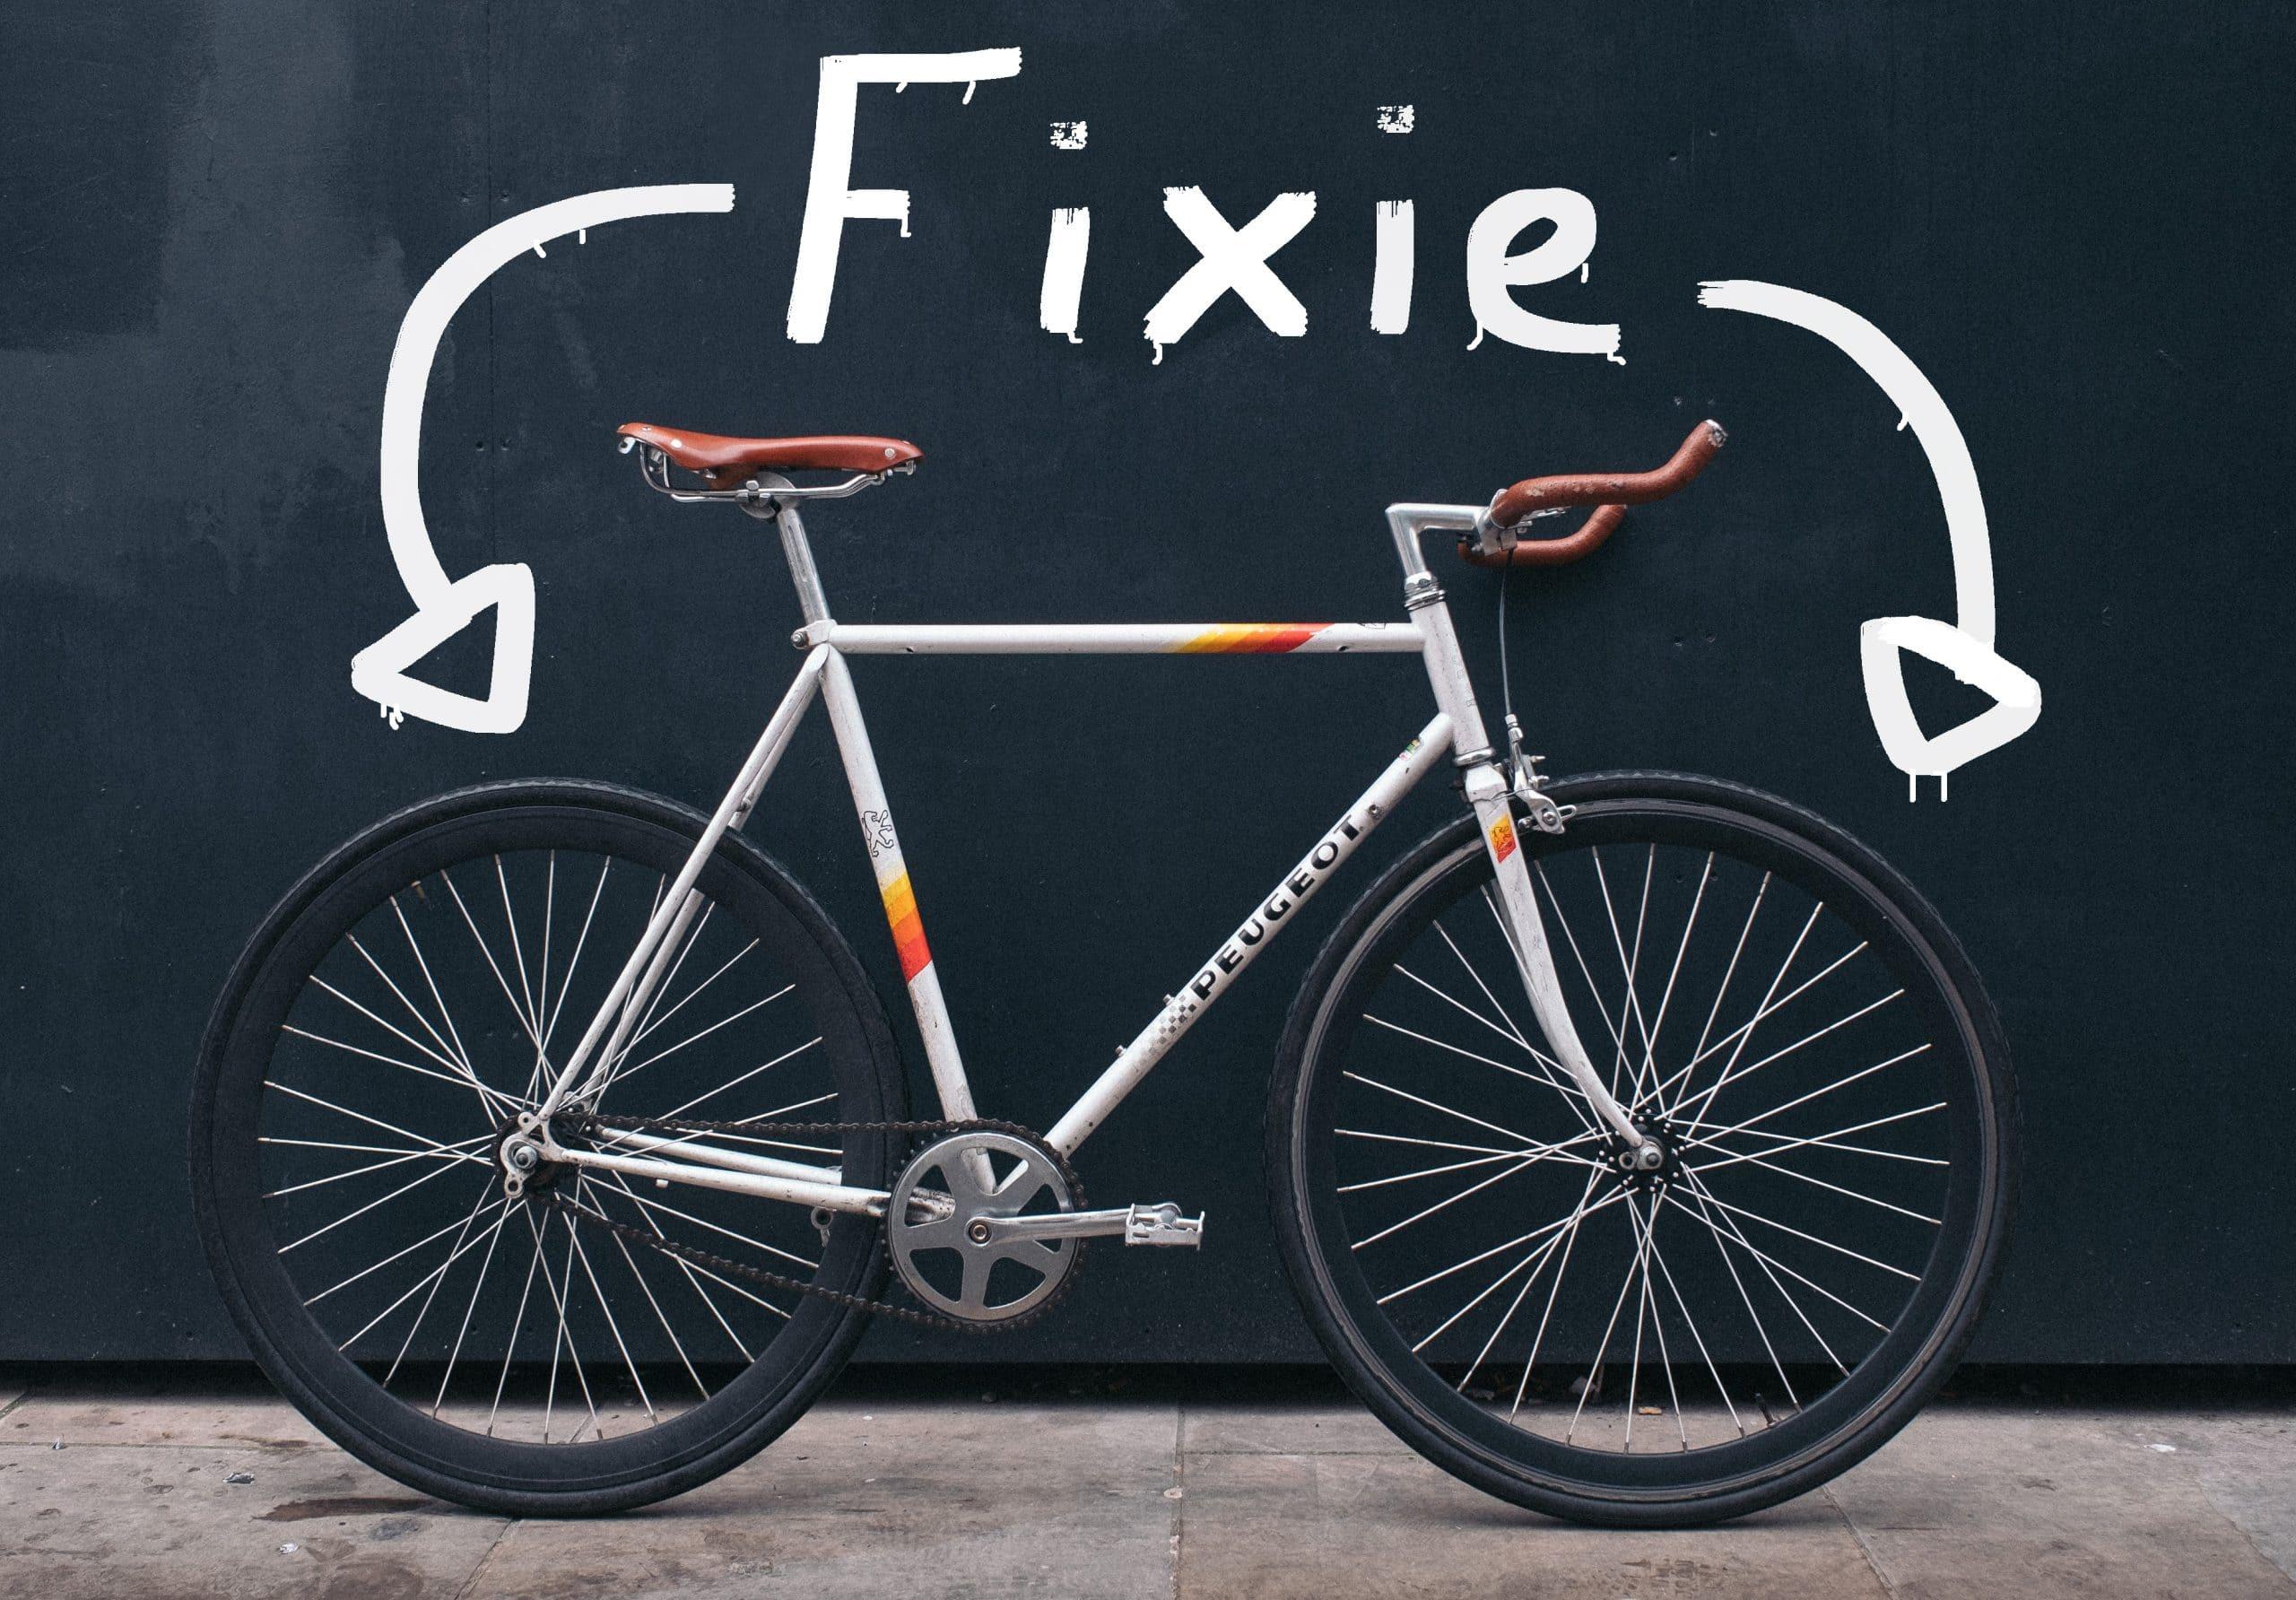 What is a fixie bike?